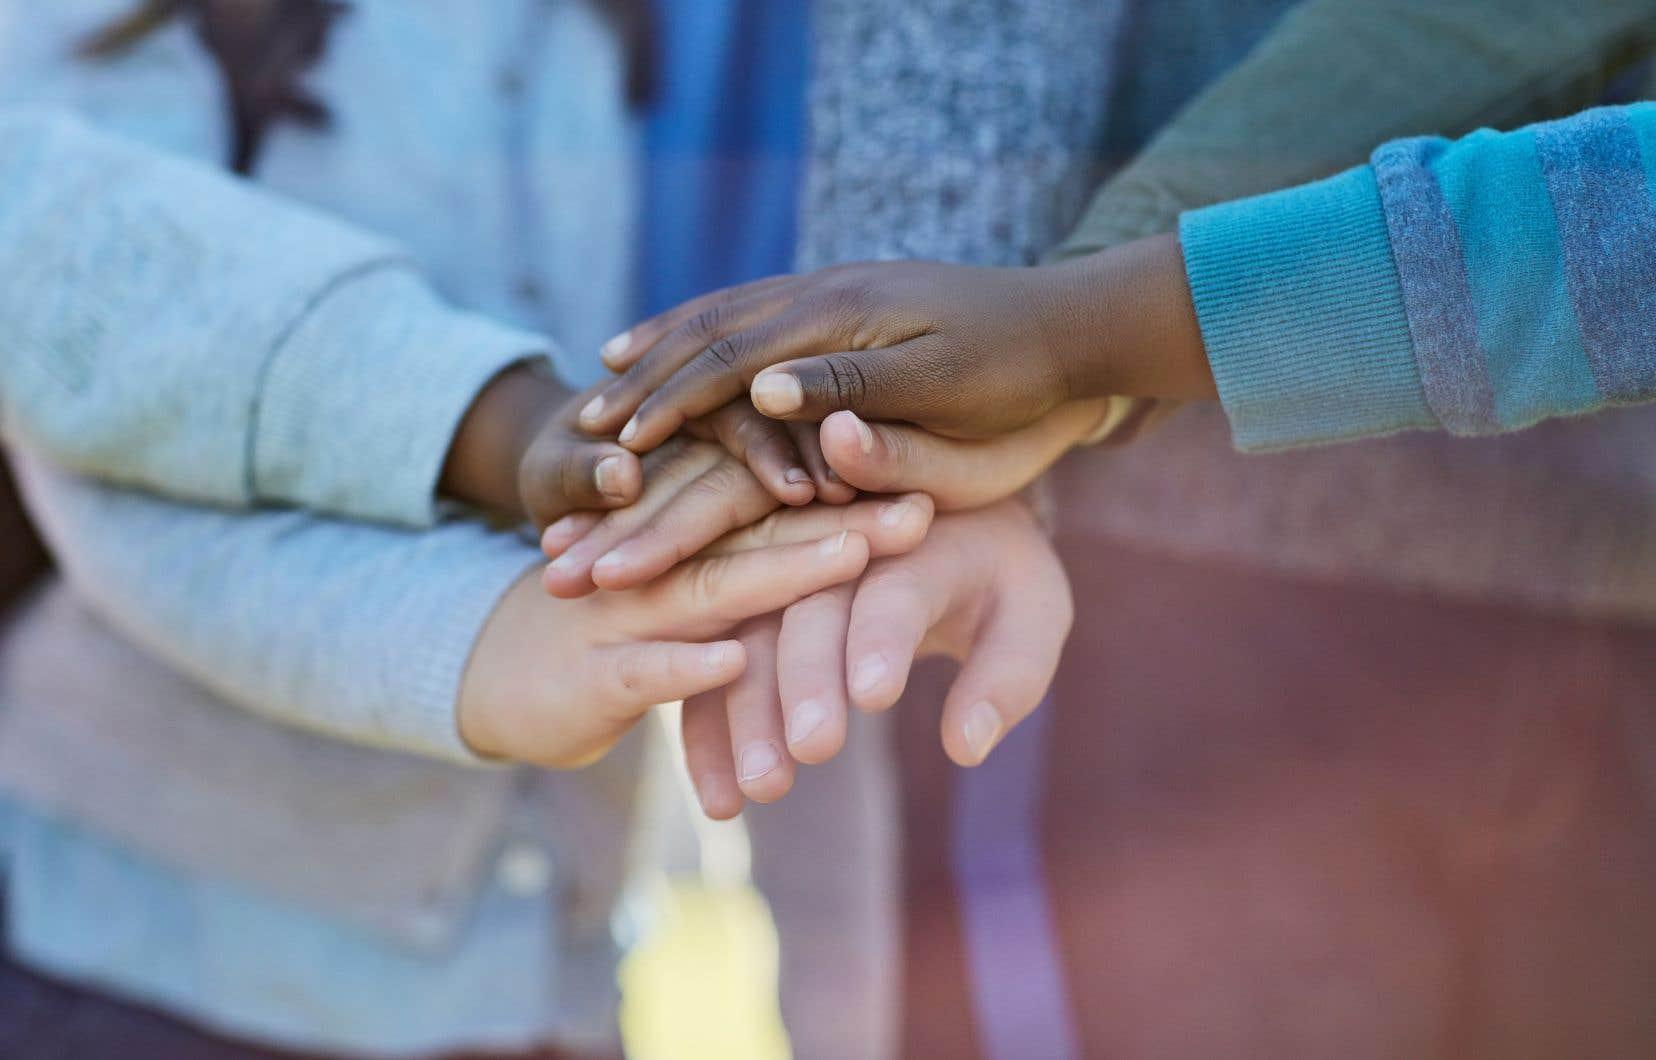 Afin que l'histoire ne se répète, la sensibilisation au racisme systémique est le premier pas, affirme l'autrice.